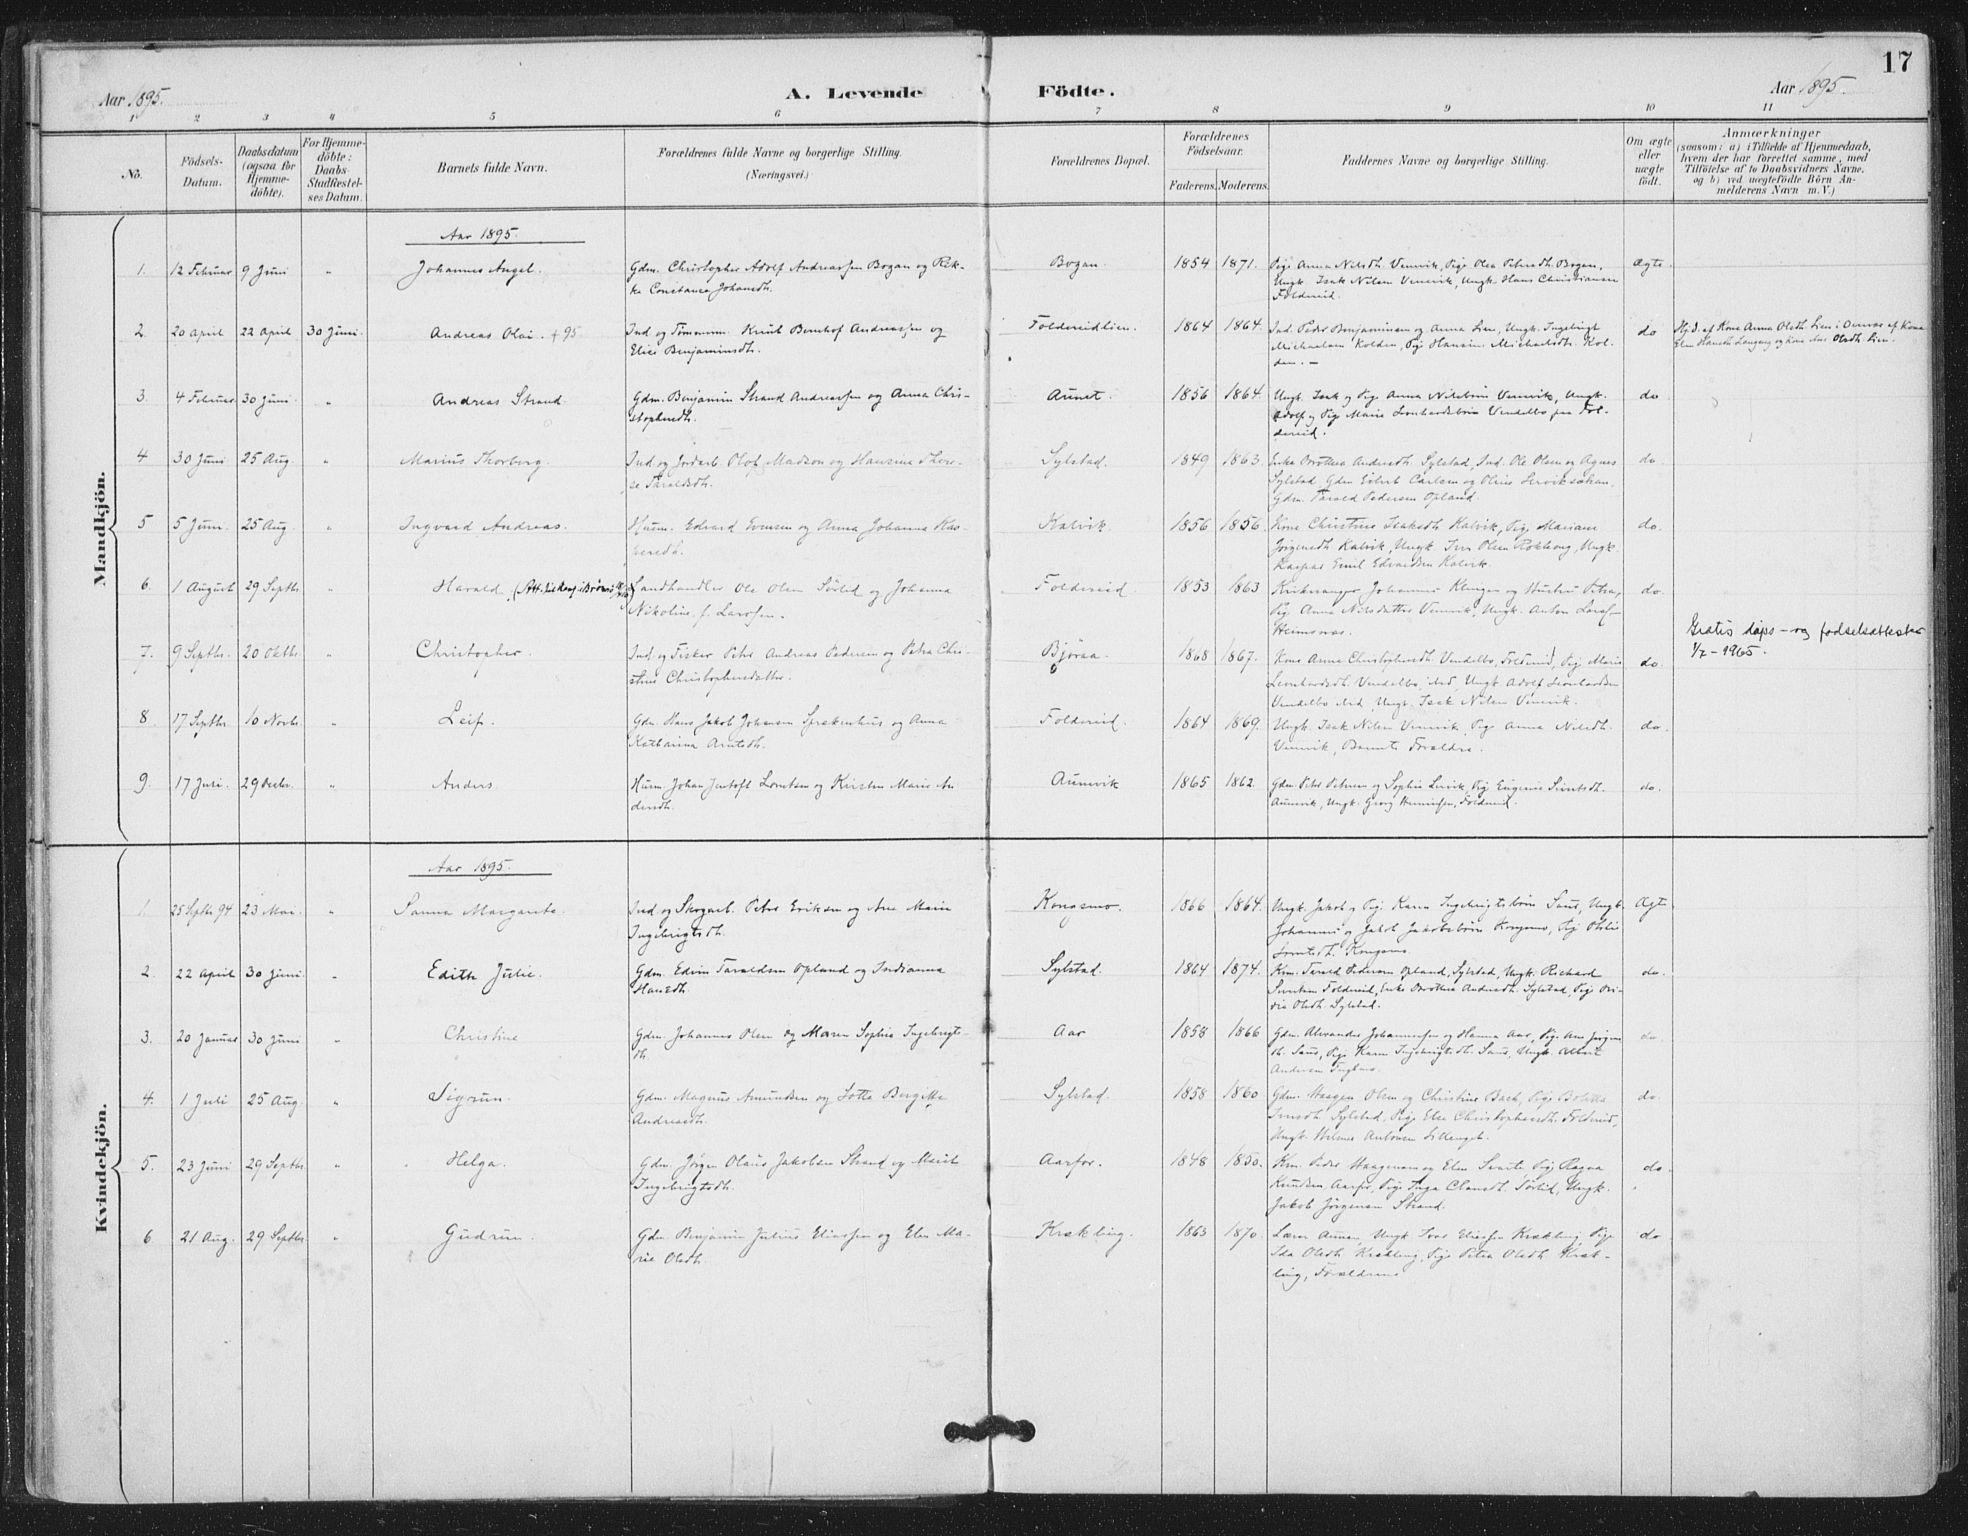 SAT, Ministerialprotokoller, klokkerbøker og fødselsregistre - Nord-Trøndelag, 783/L0660: Ministerialbok nr. 783A02, 1886-1918, s. 17